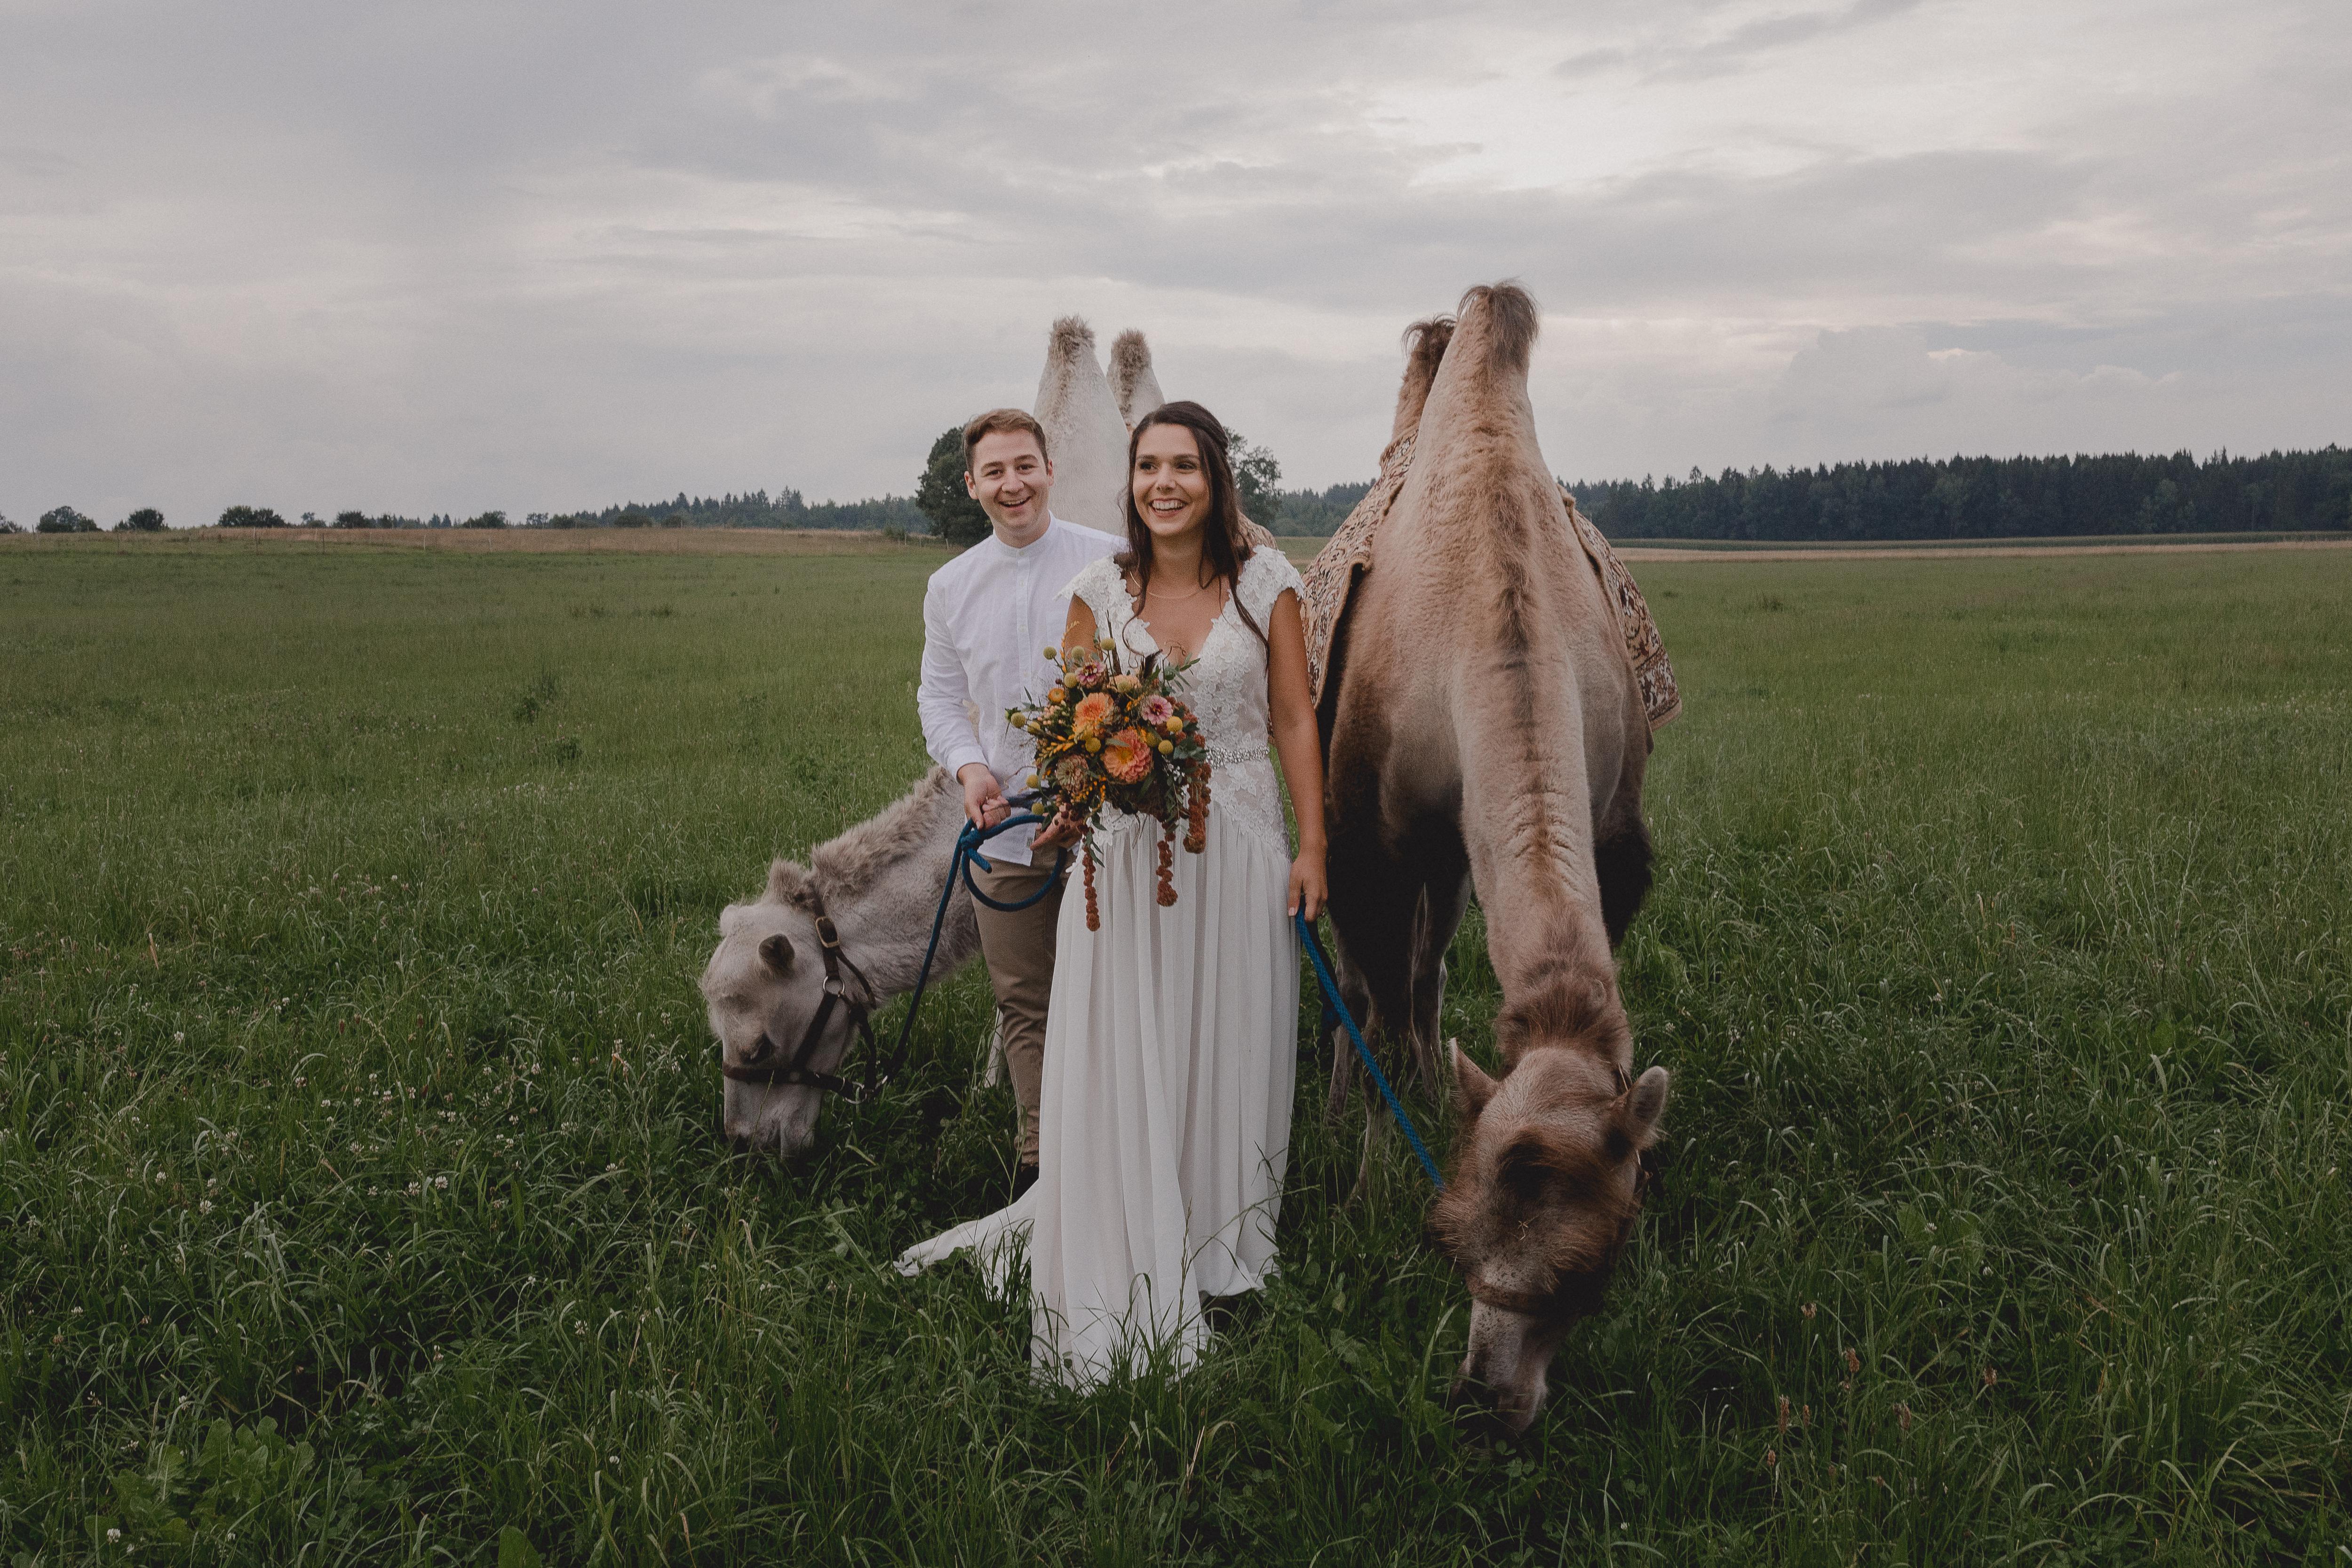 URBANERIE_Daniela_Goth_Vintage_Hochzeitsfotografin_Nuernberg_Fuerth_Erlangen_180721_0136